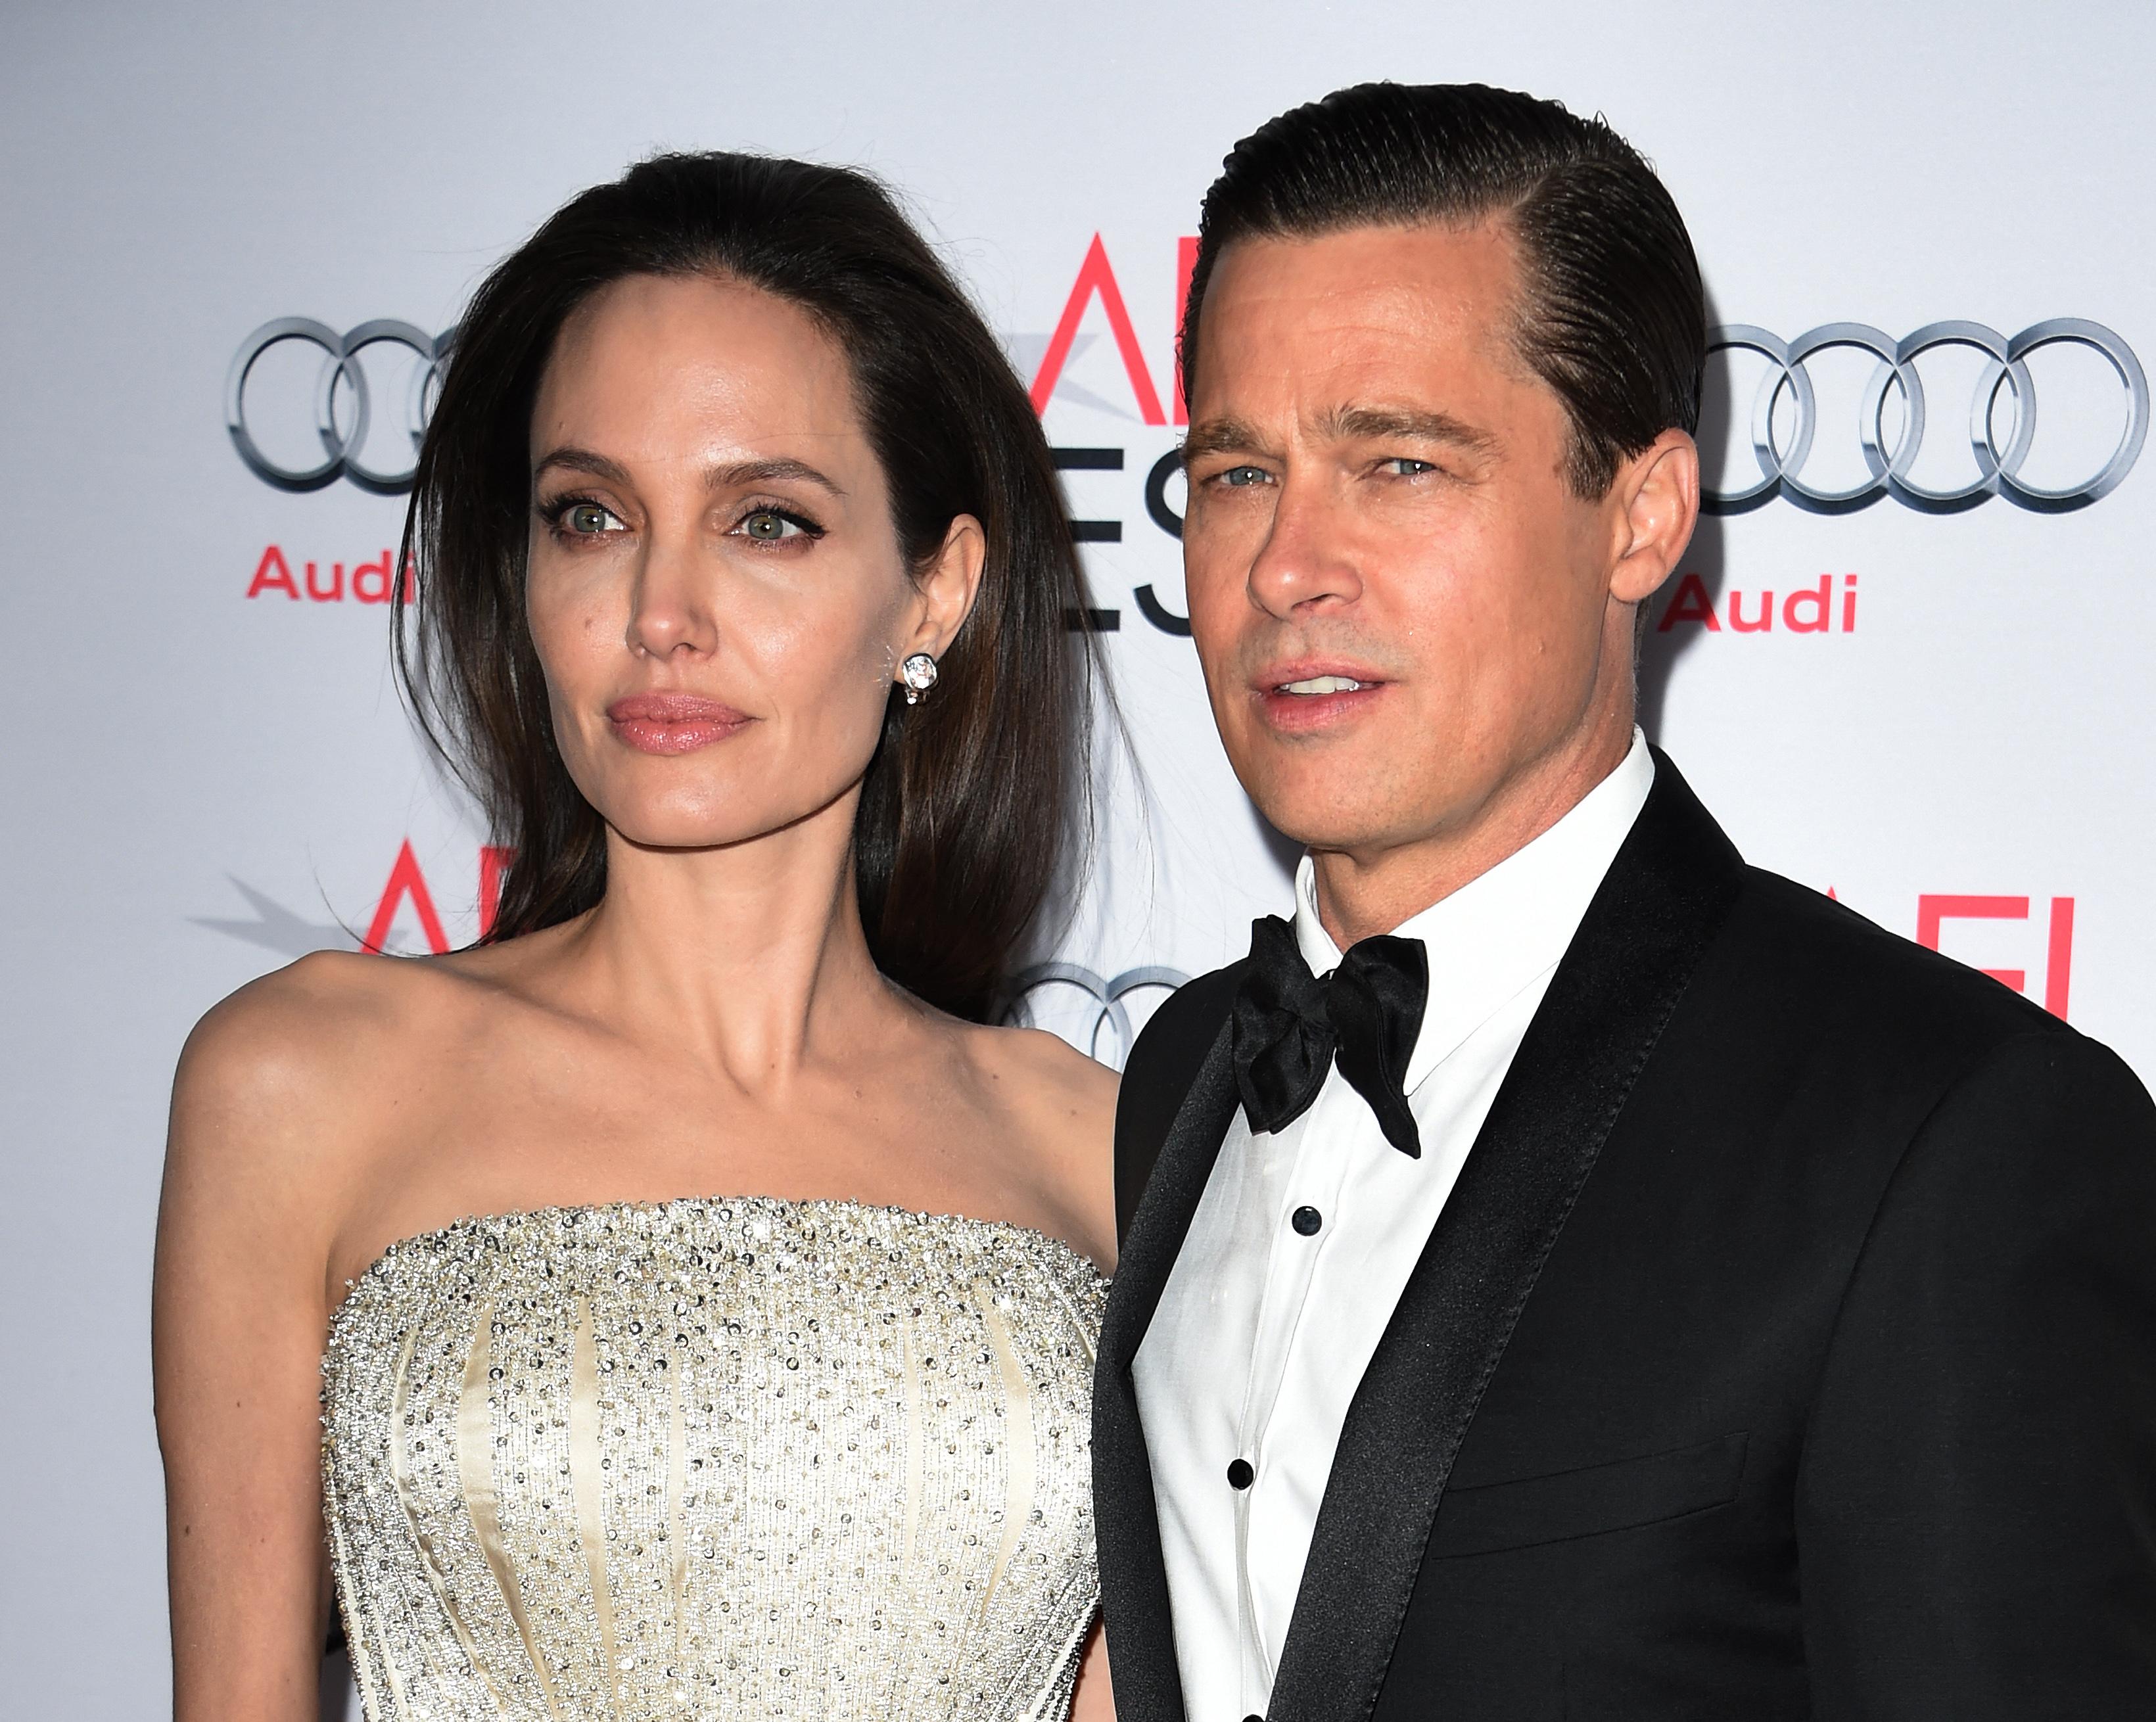 Angelina Jolie szerint a bíró megtagadta tőle a tisztességes eljárást a gyerekelhelyezési perében